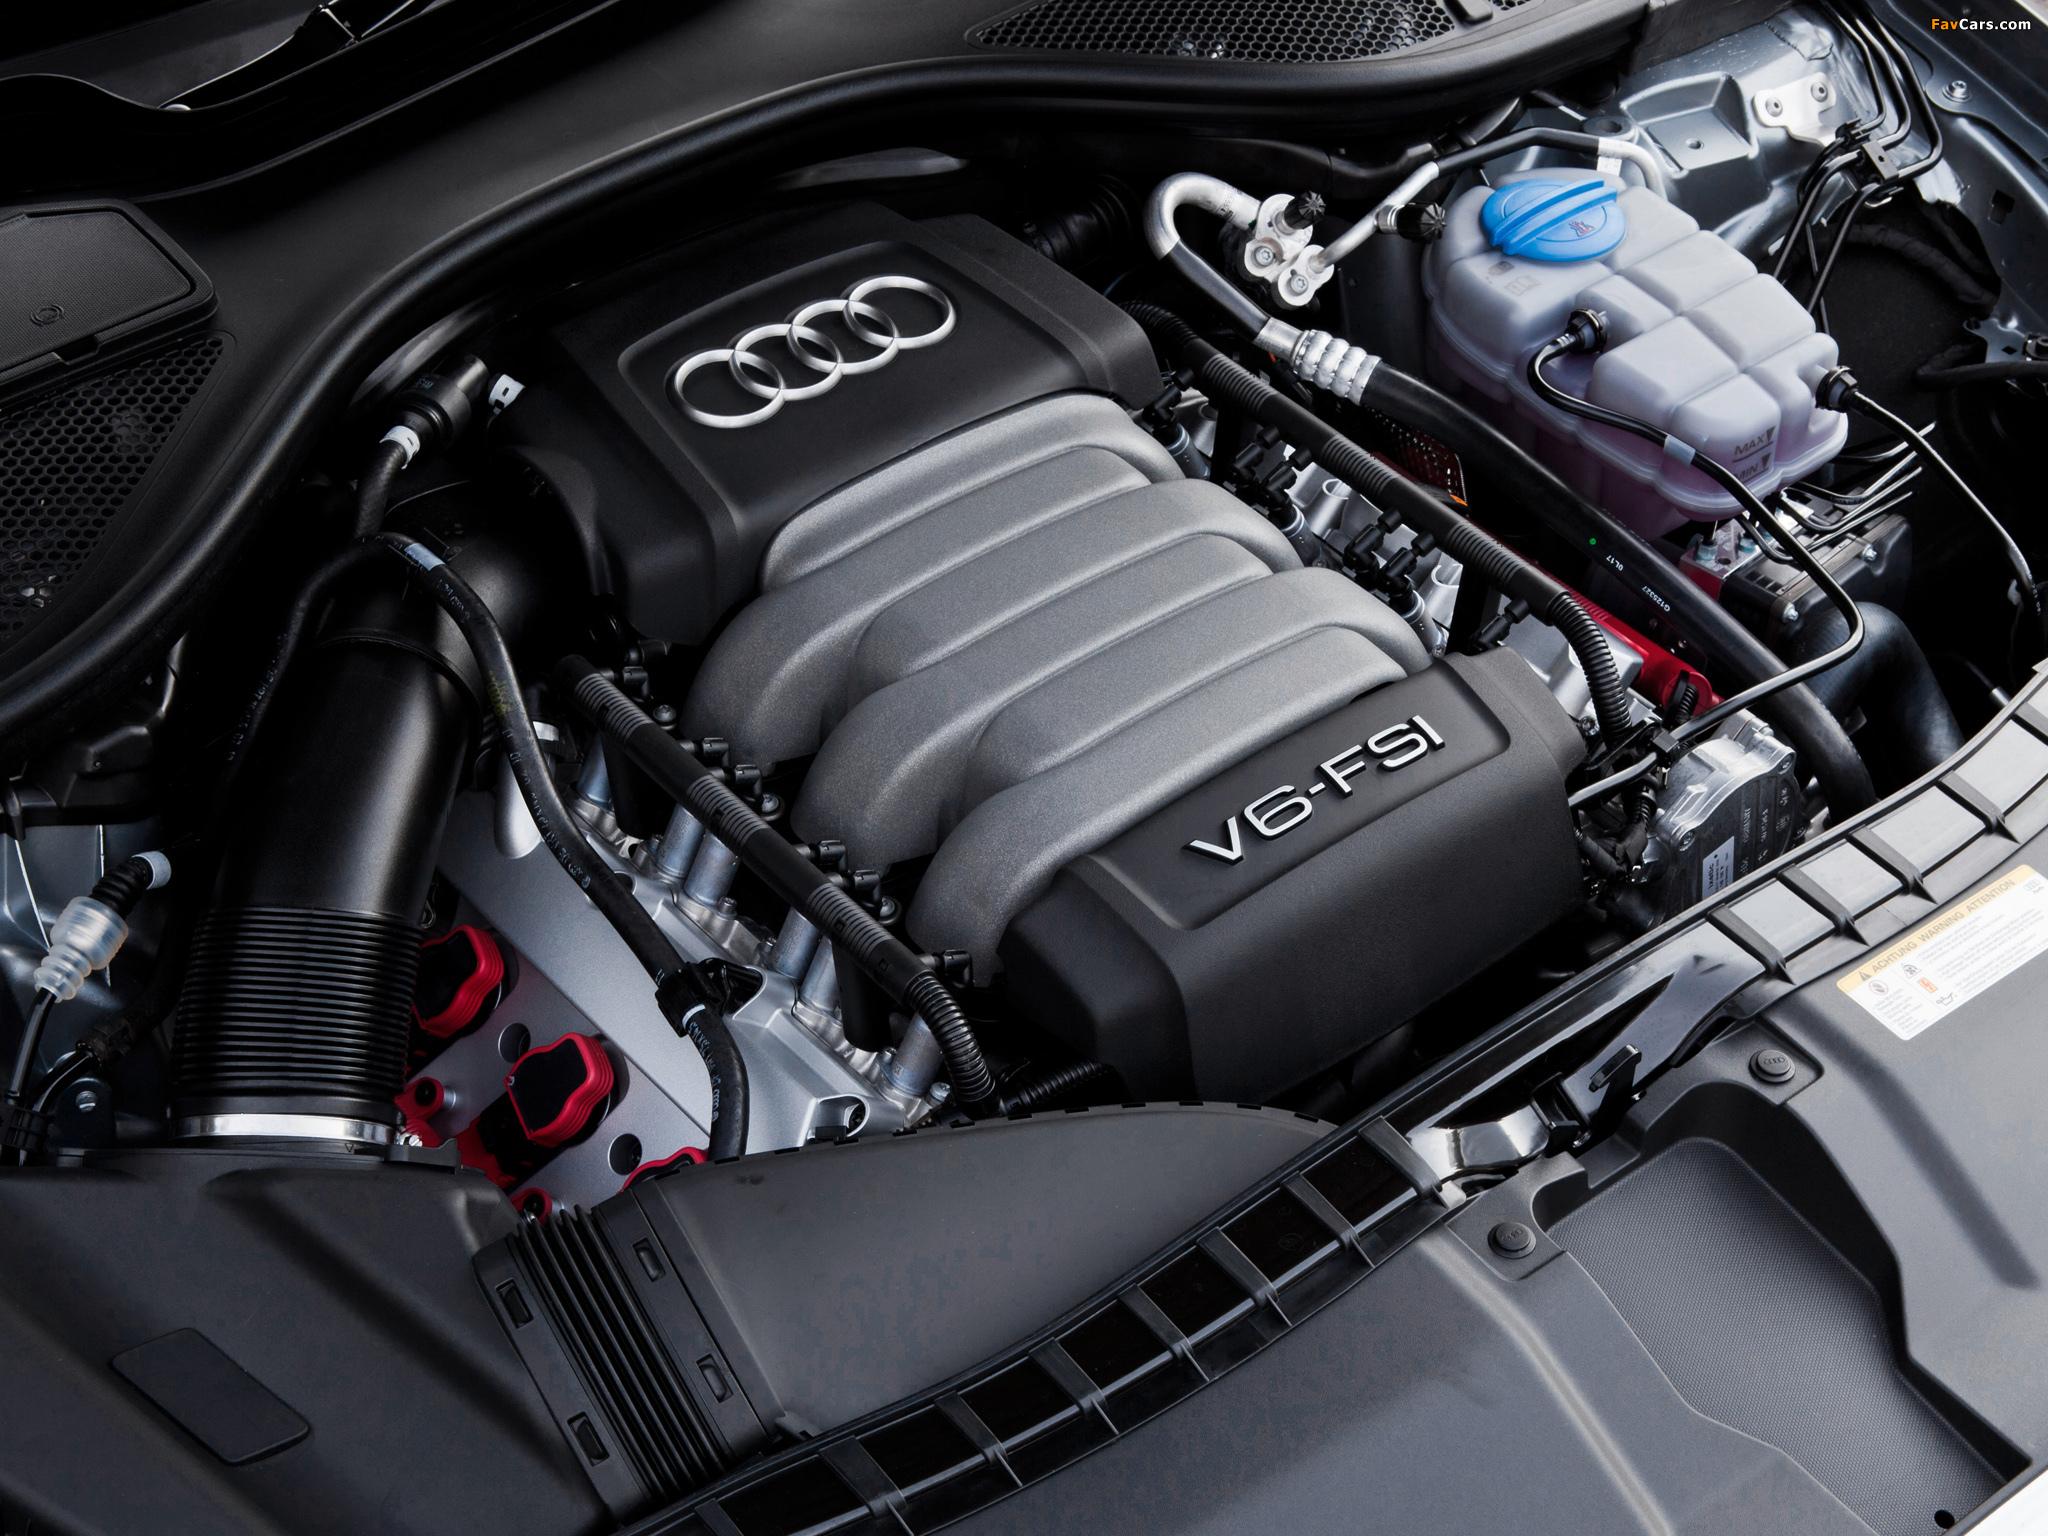 Kelebihan Audi A6 2.8 Spesifikasi